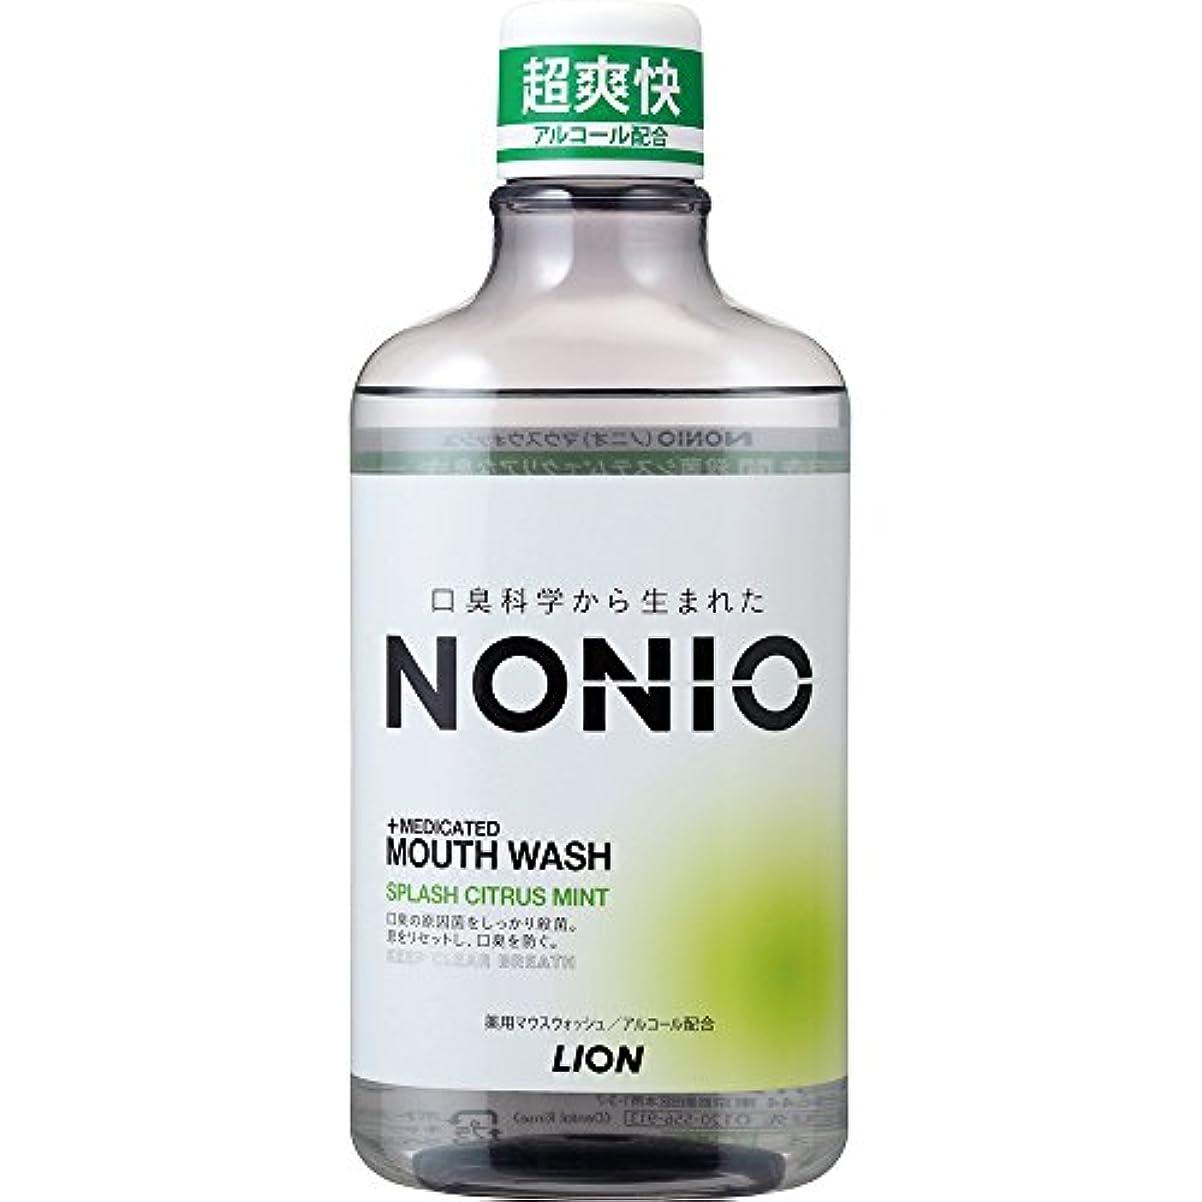 できた千模索[医薬部外品]NONIO マウスウォッシュ スプラッシュシトラスミント 600ml 洗口液